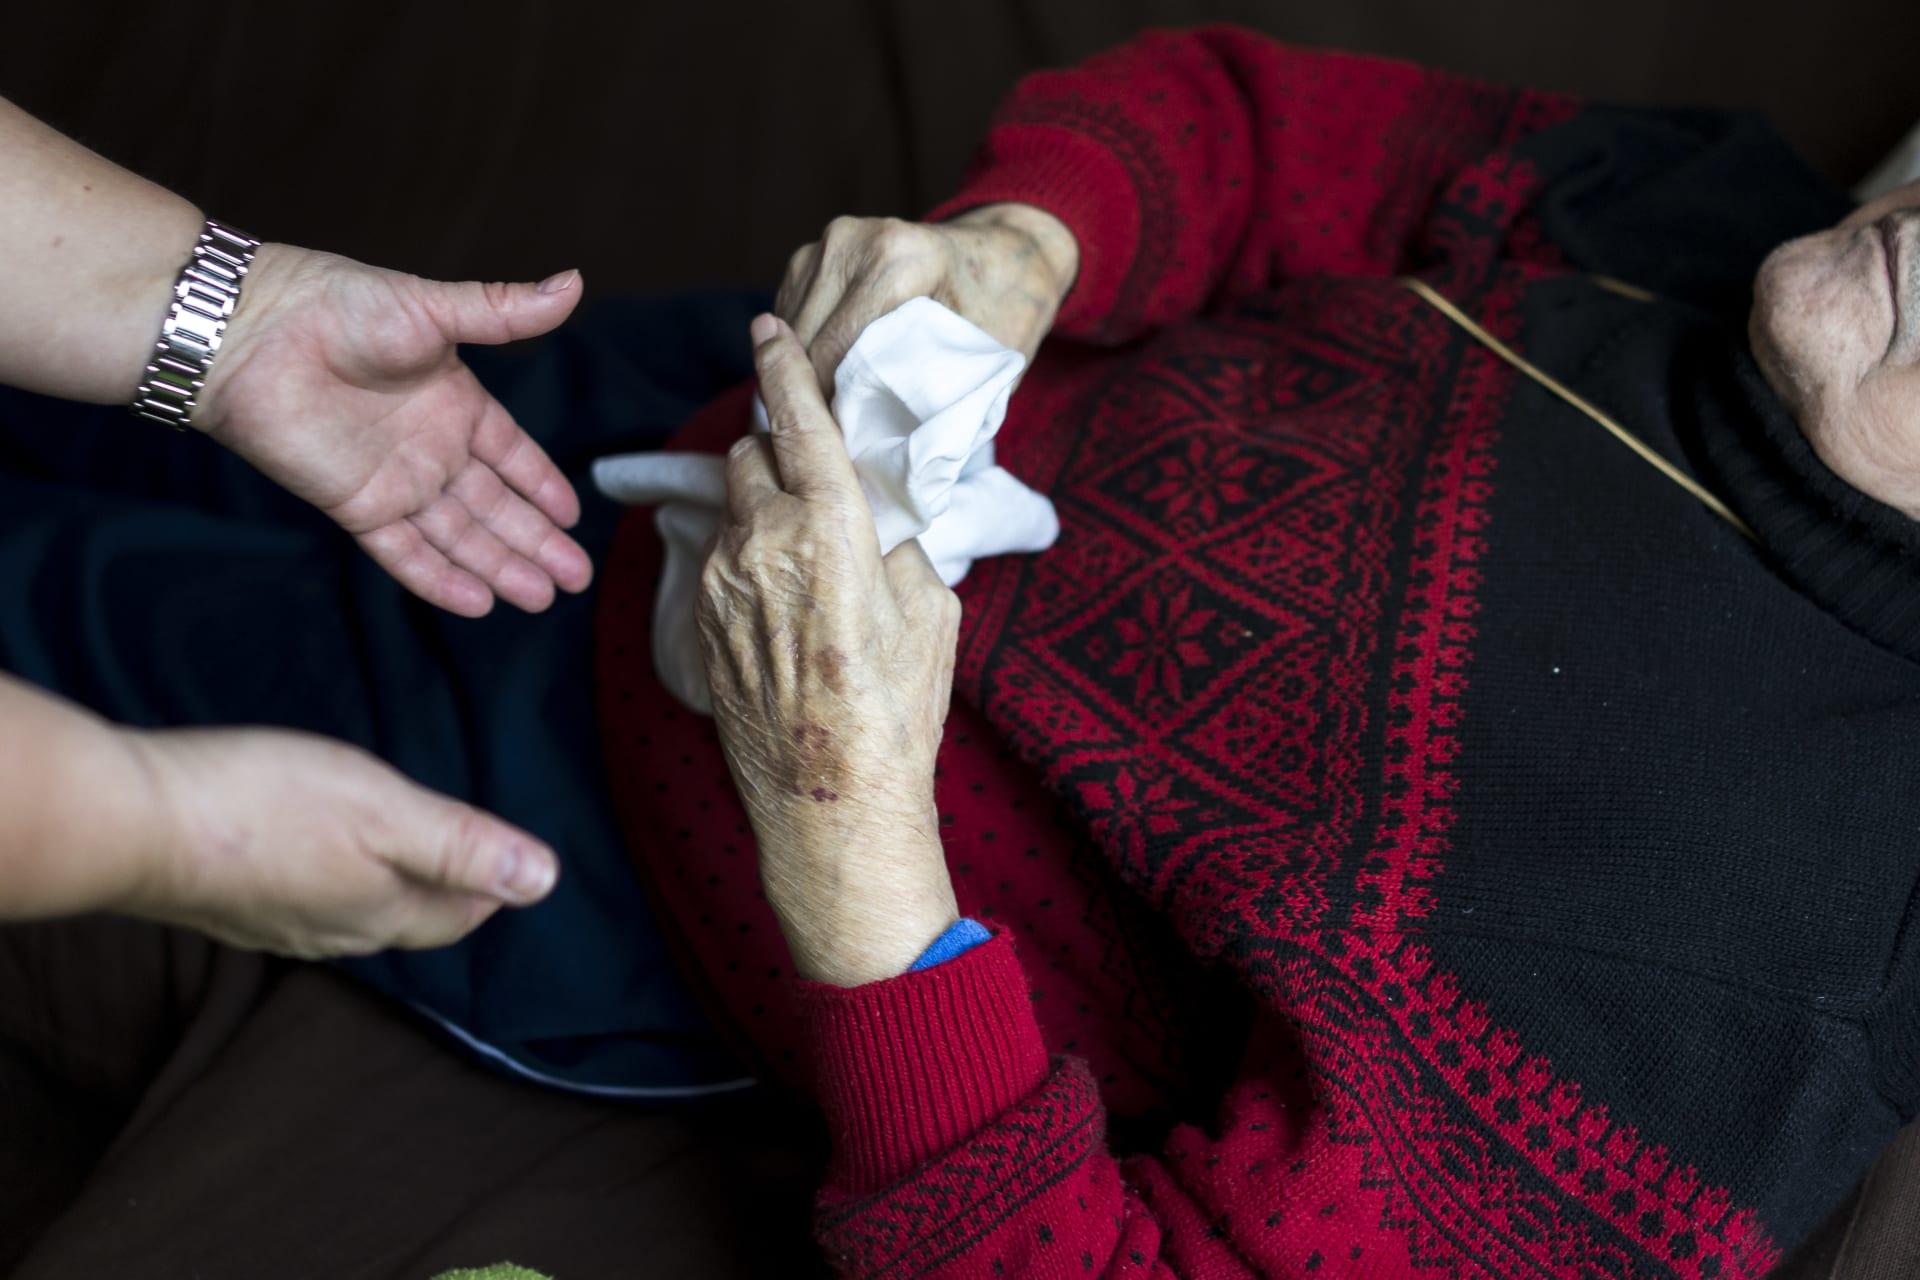 تغيير نمط الحياة قد يحارب الخرف الذي يصيب الناس في الأربعينات والخمسينات من العمر